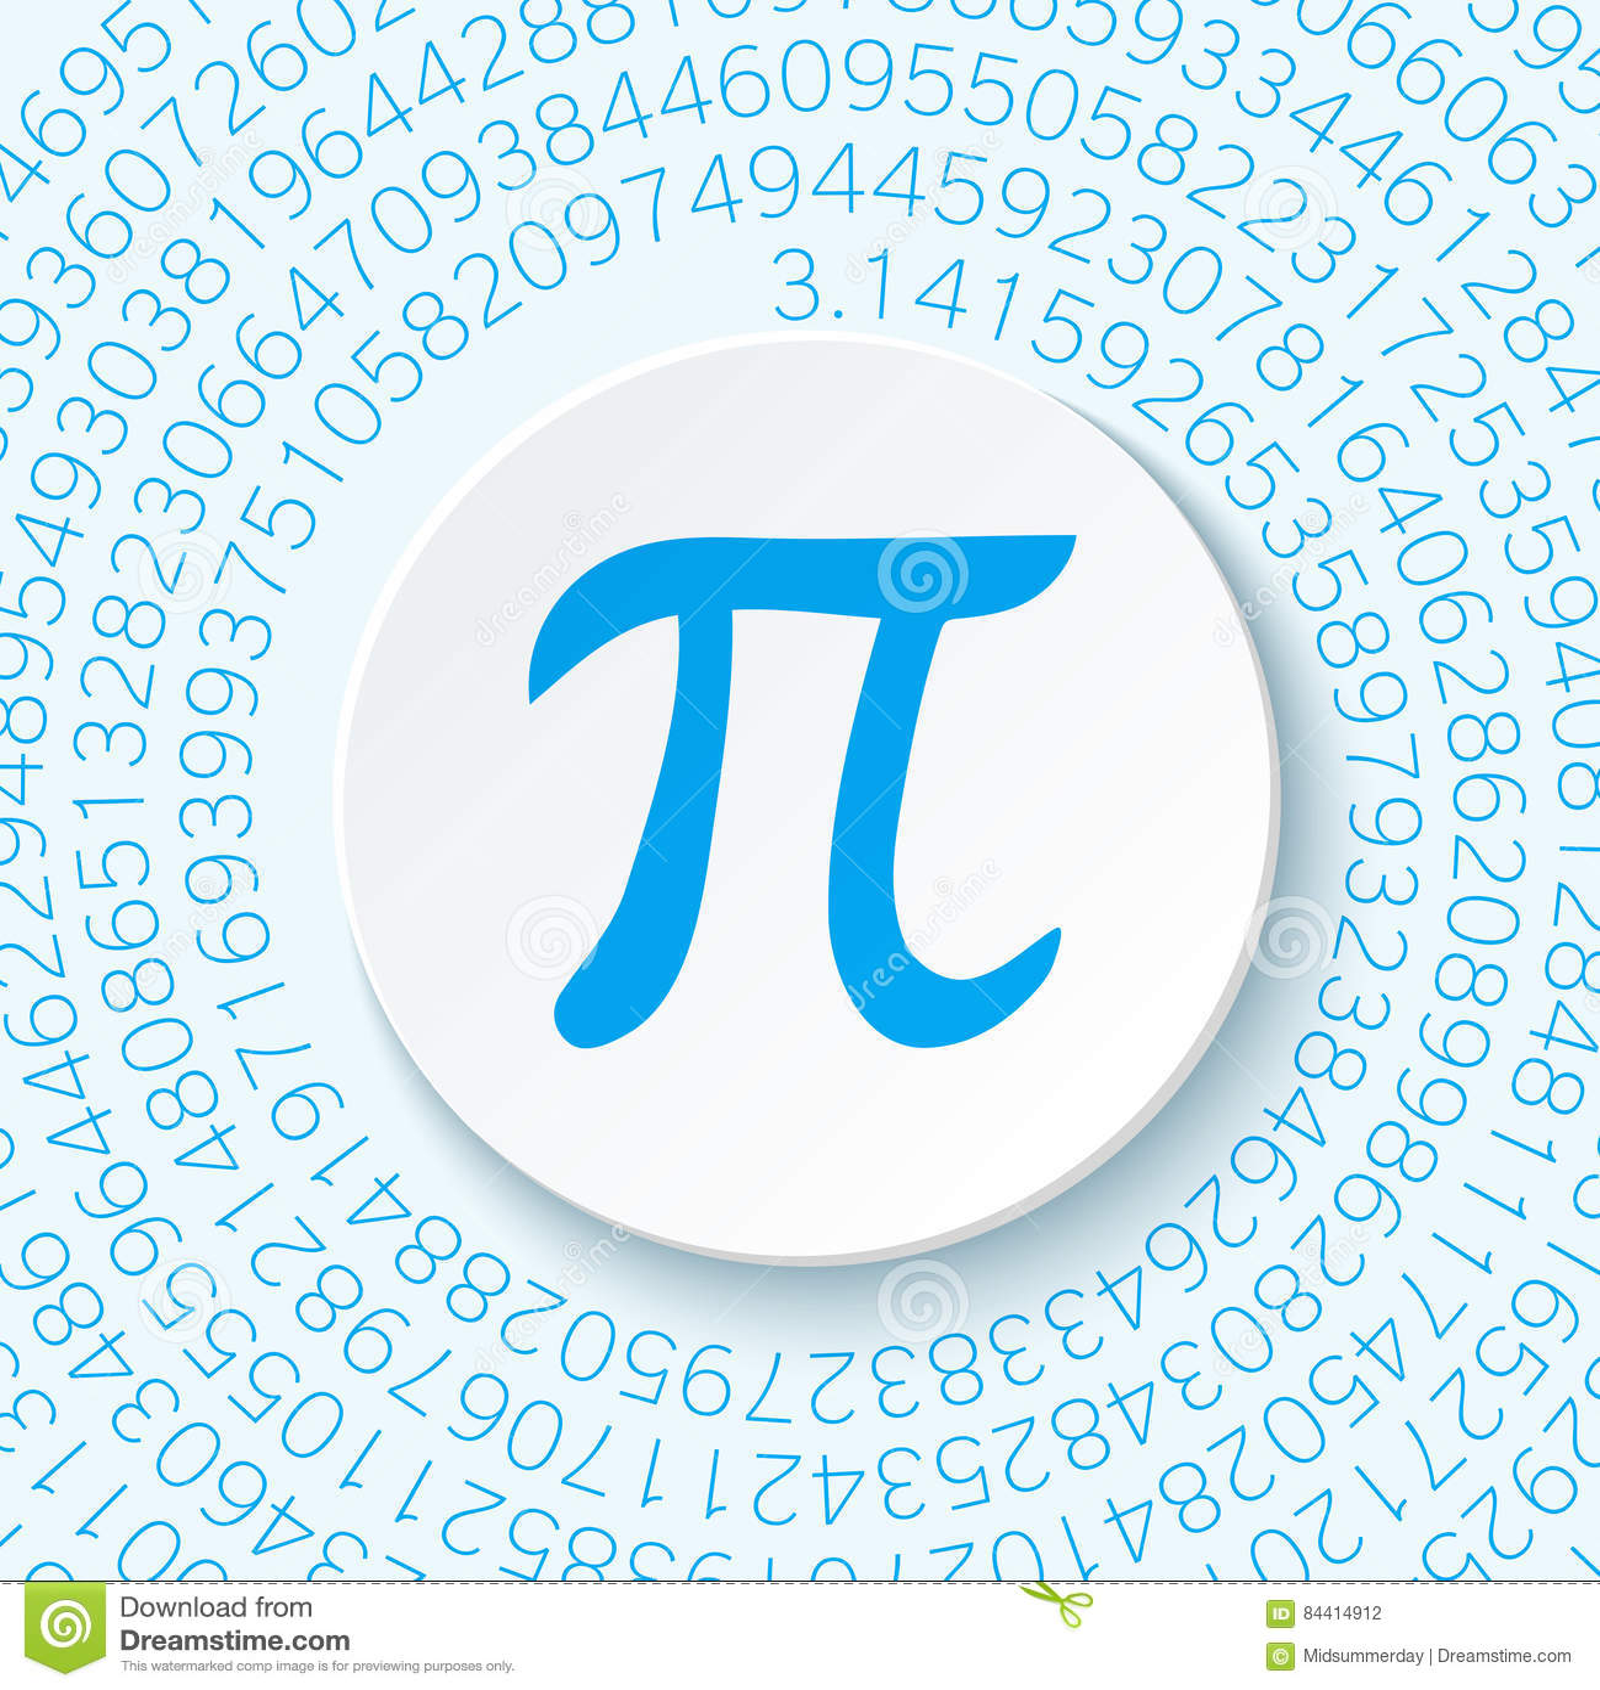 Pitecken med en skugga på en blå bakgrund Matematisk konstant, irrationellt komplext nummer, grekisk bokstav